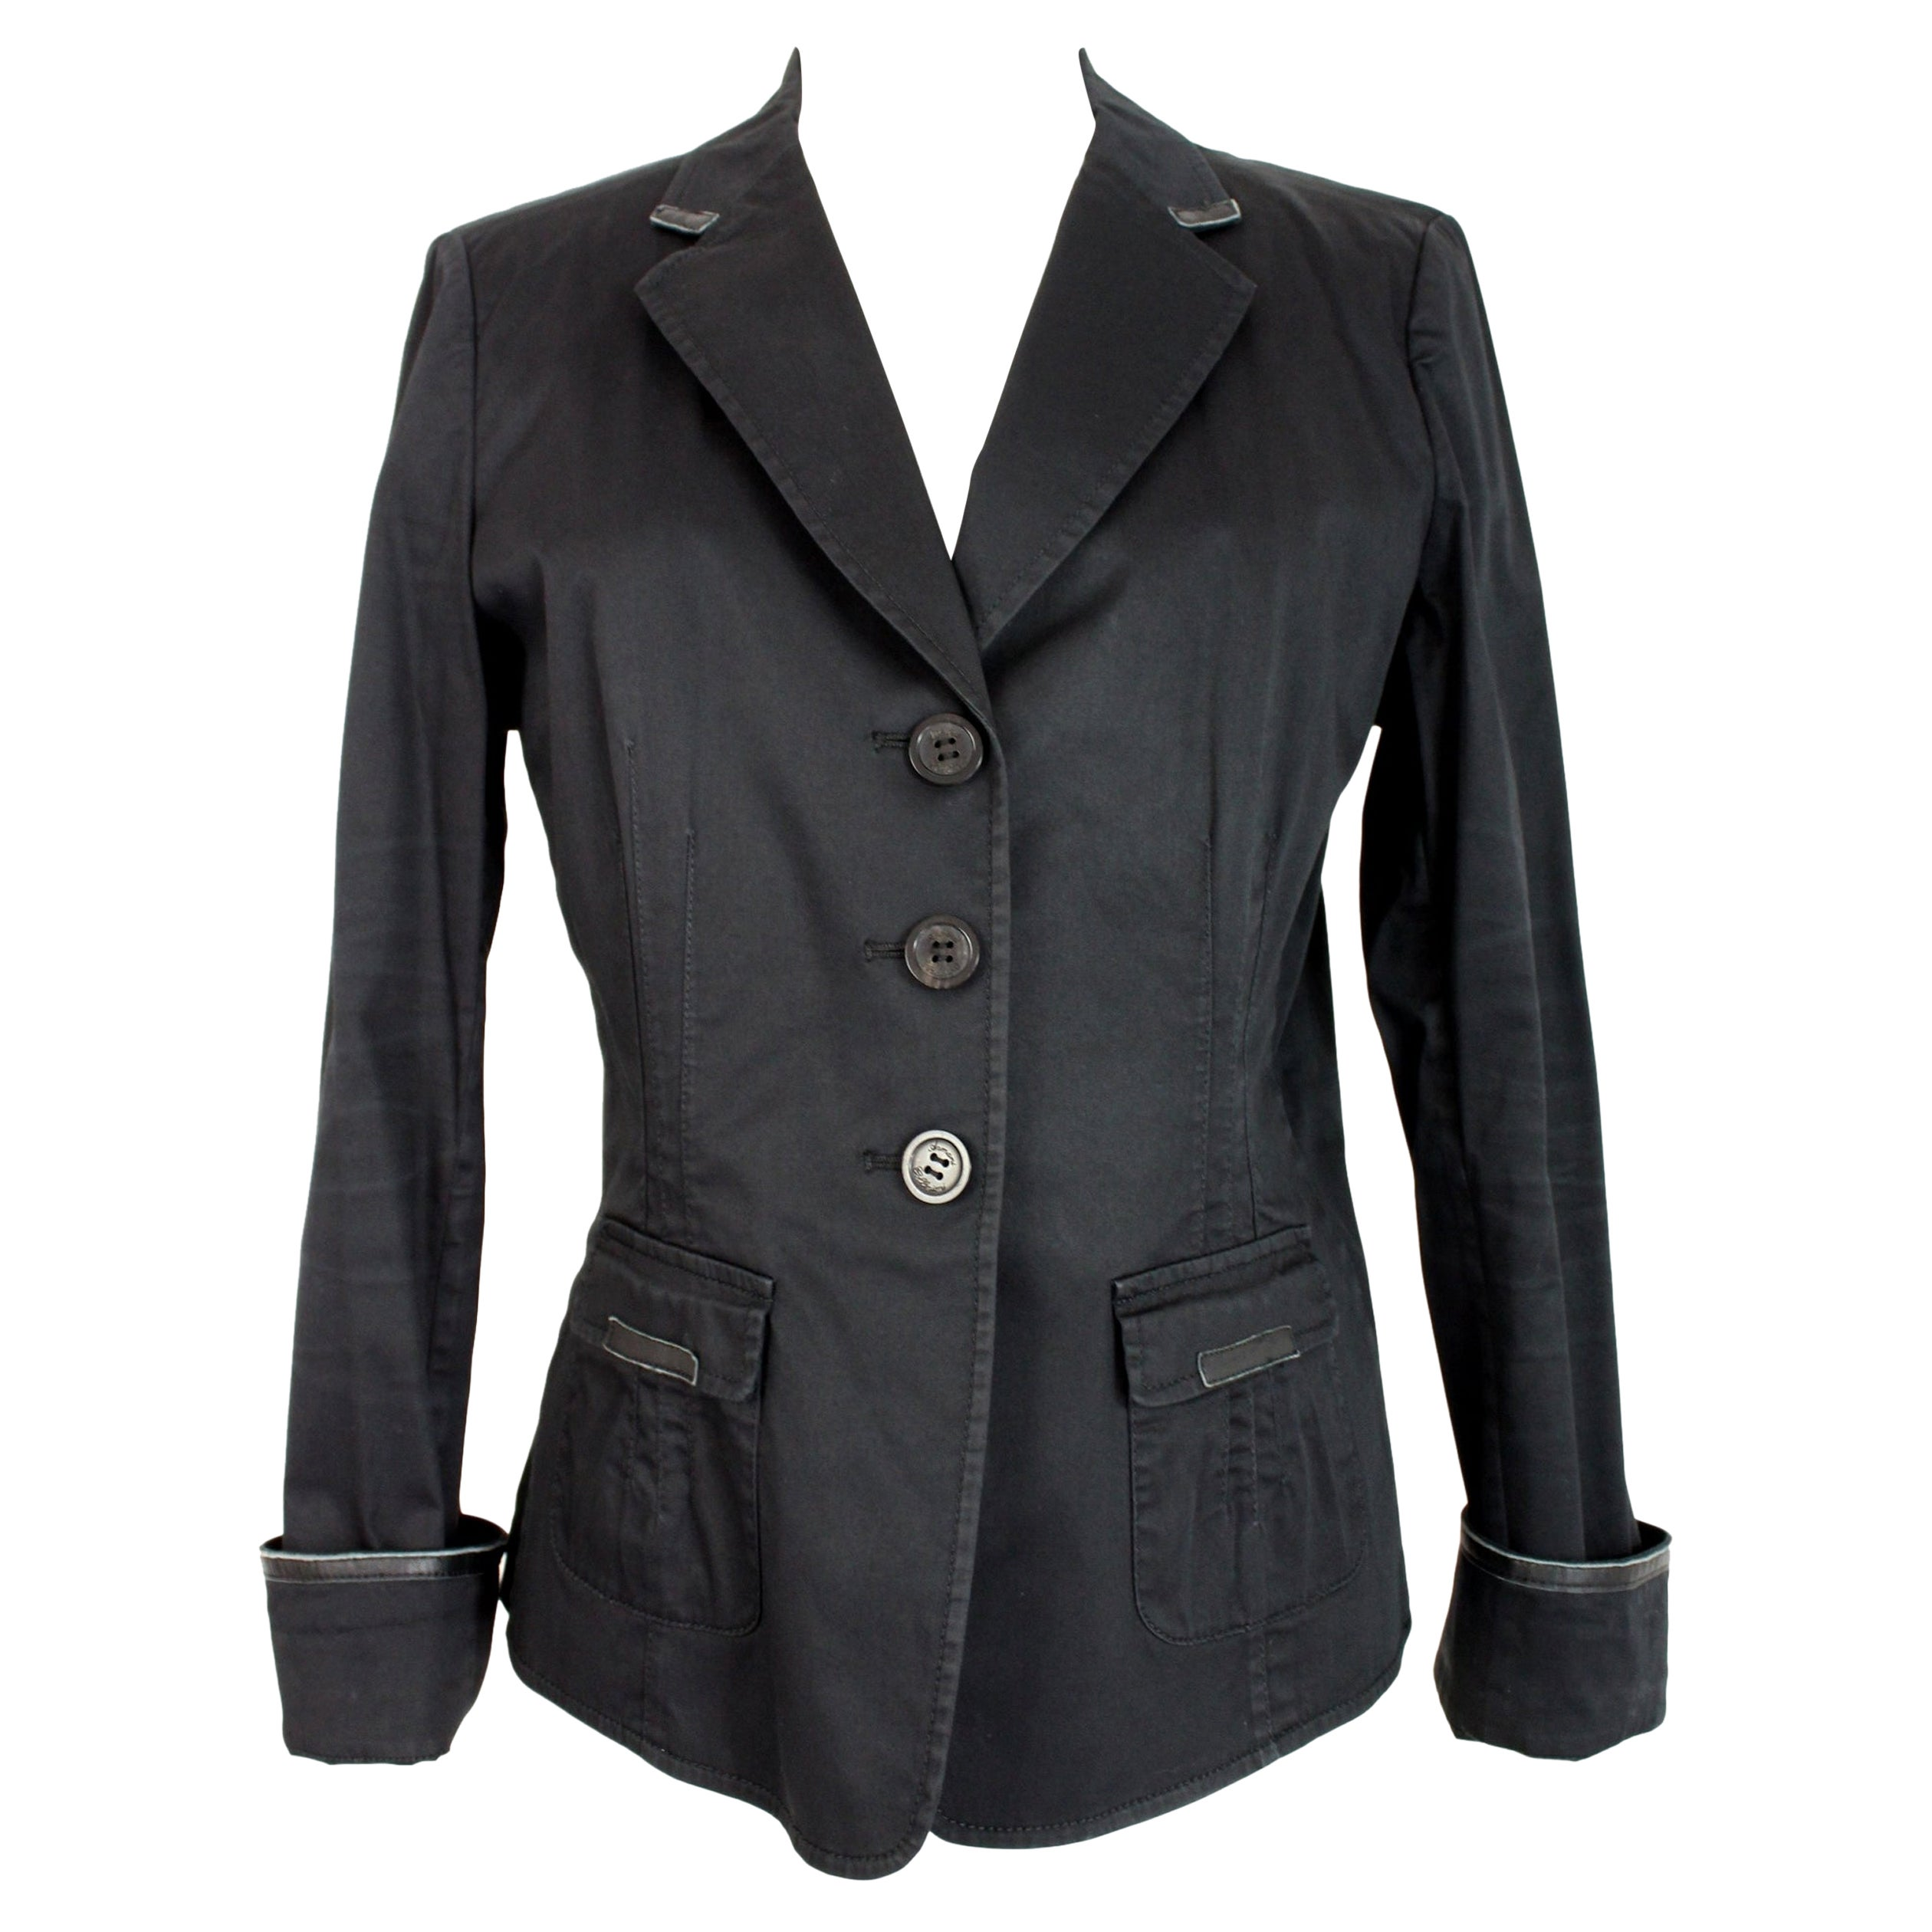 Armani Collezioni Black Cotton Flared Jacket